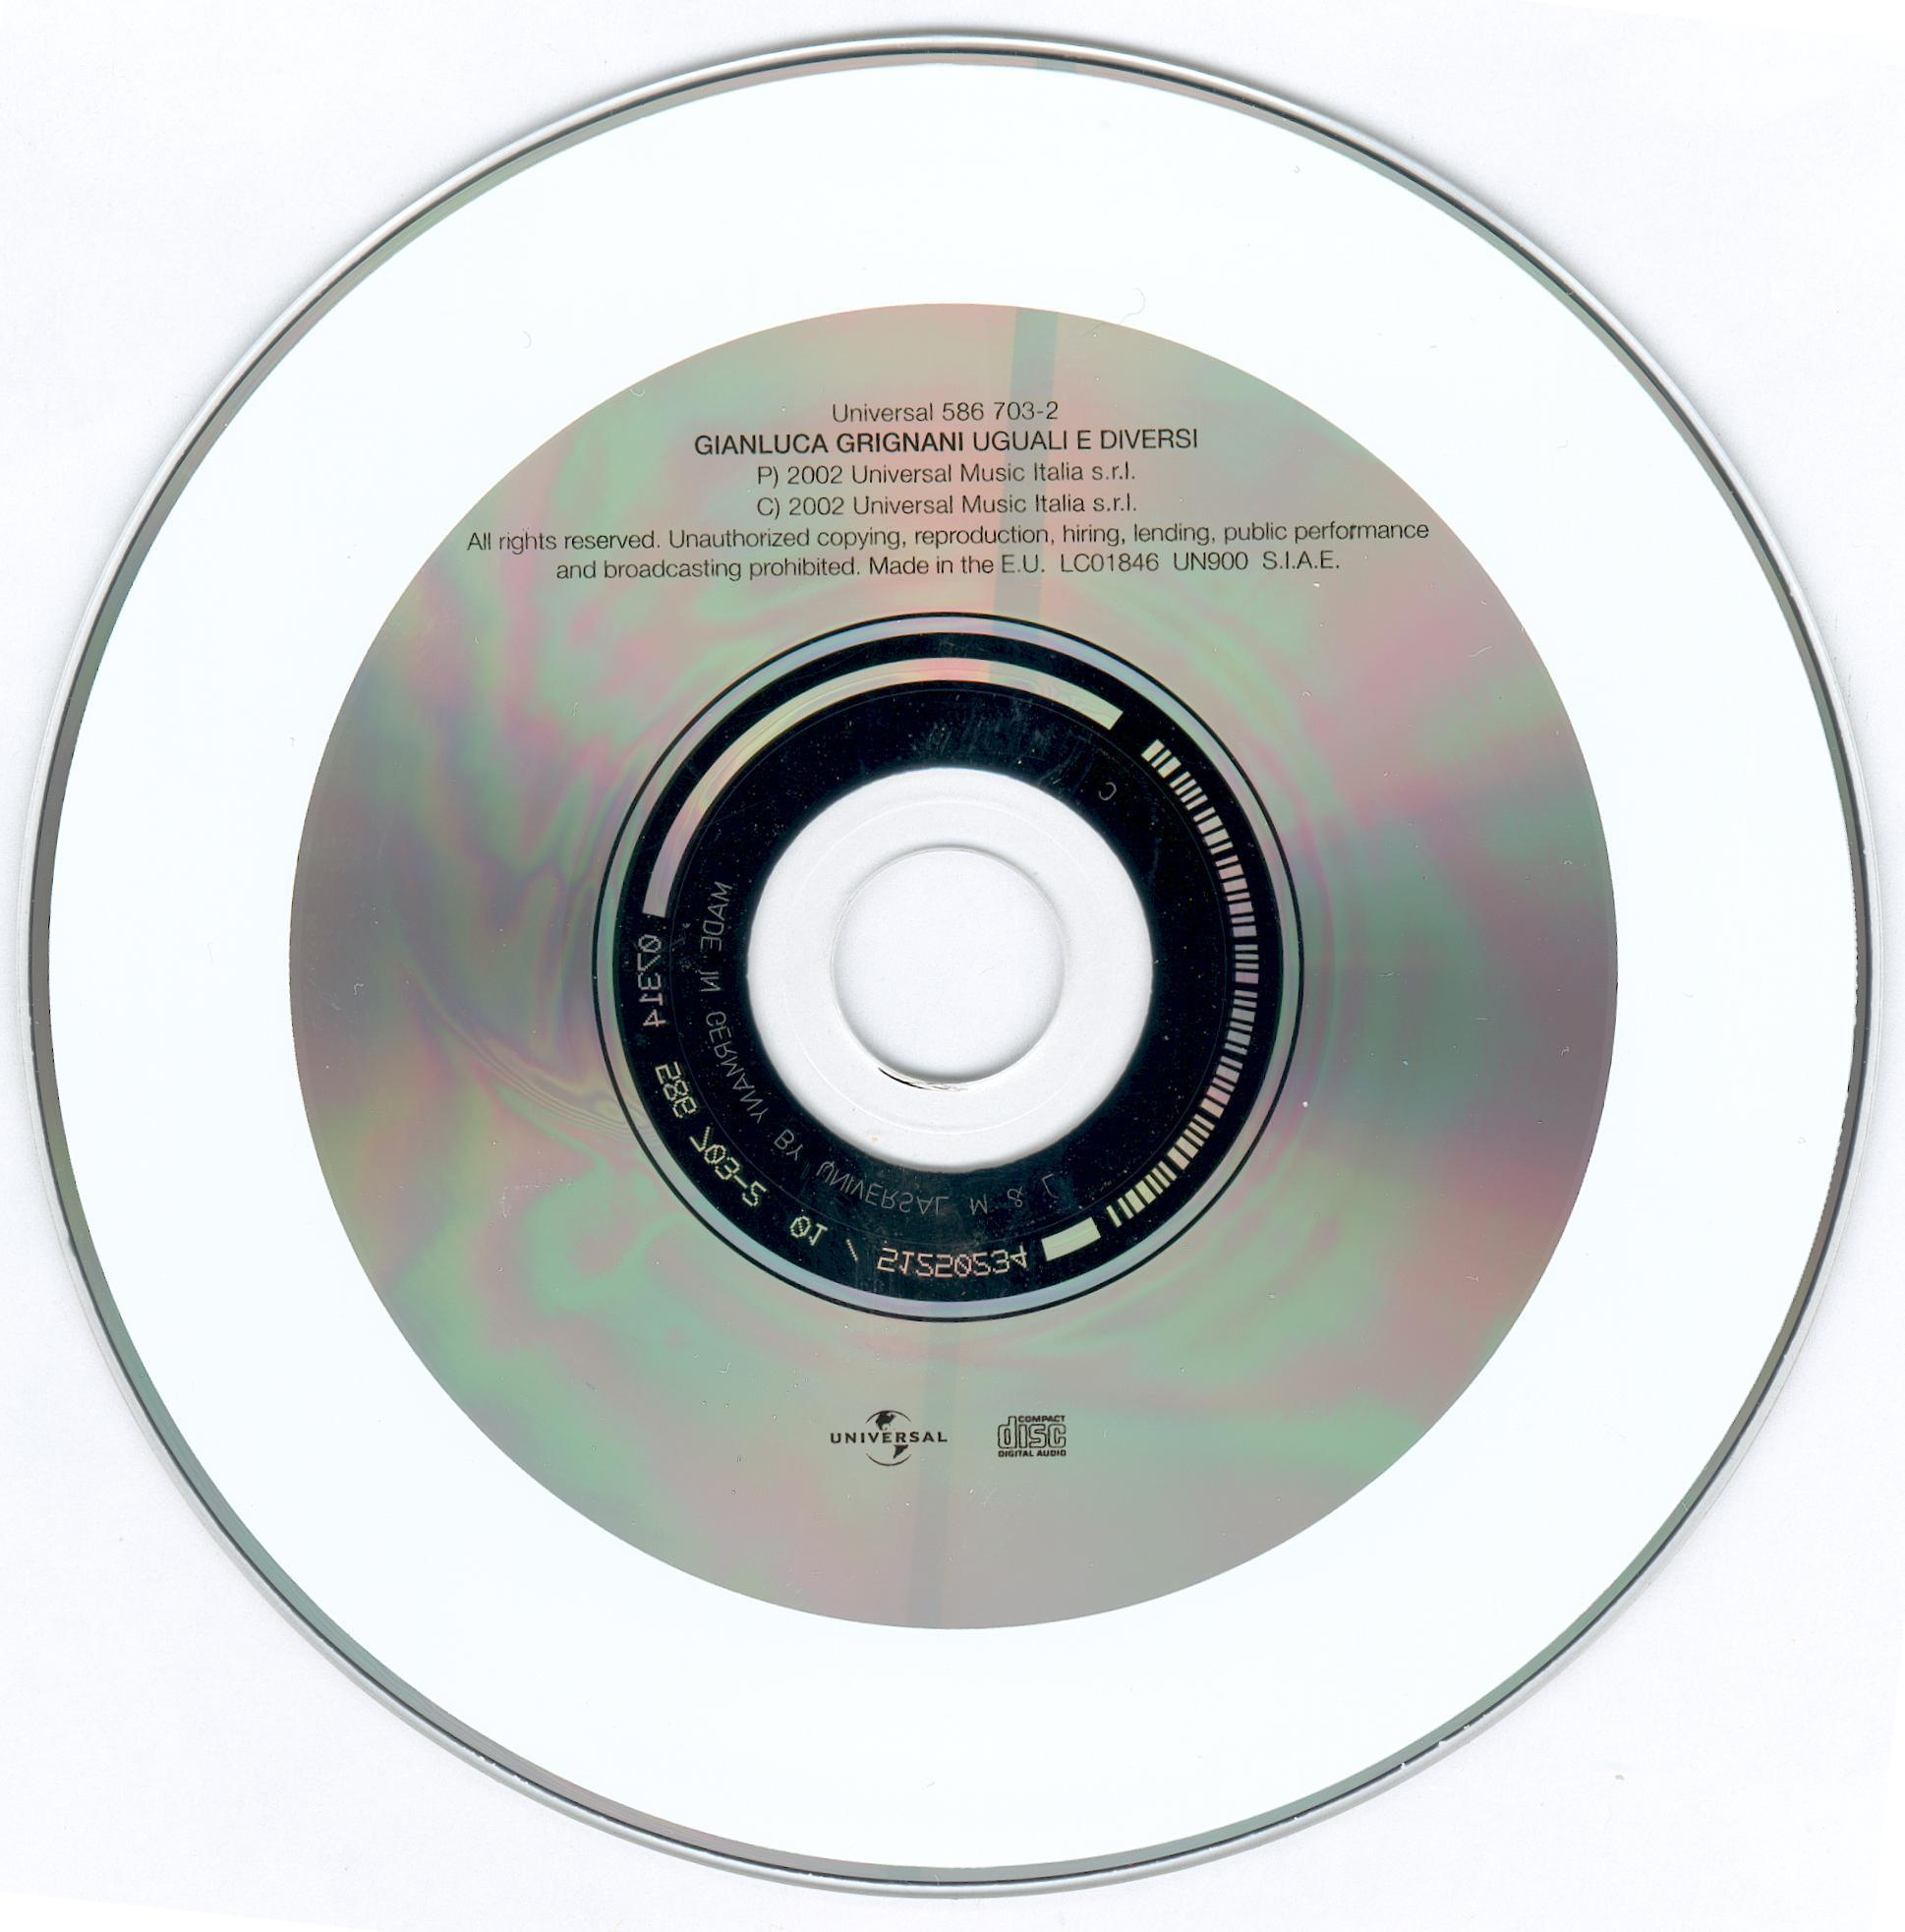 Copertina cd gianluca grignani uguali e diversi cd - Gianluca grignani uguali e diversi ...